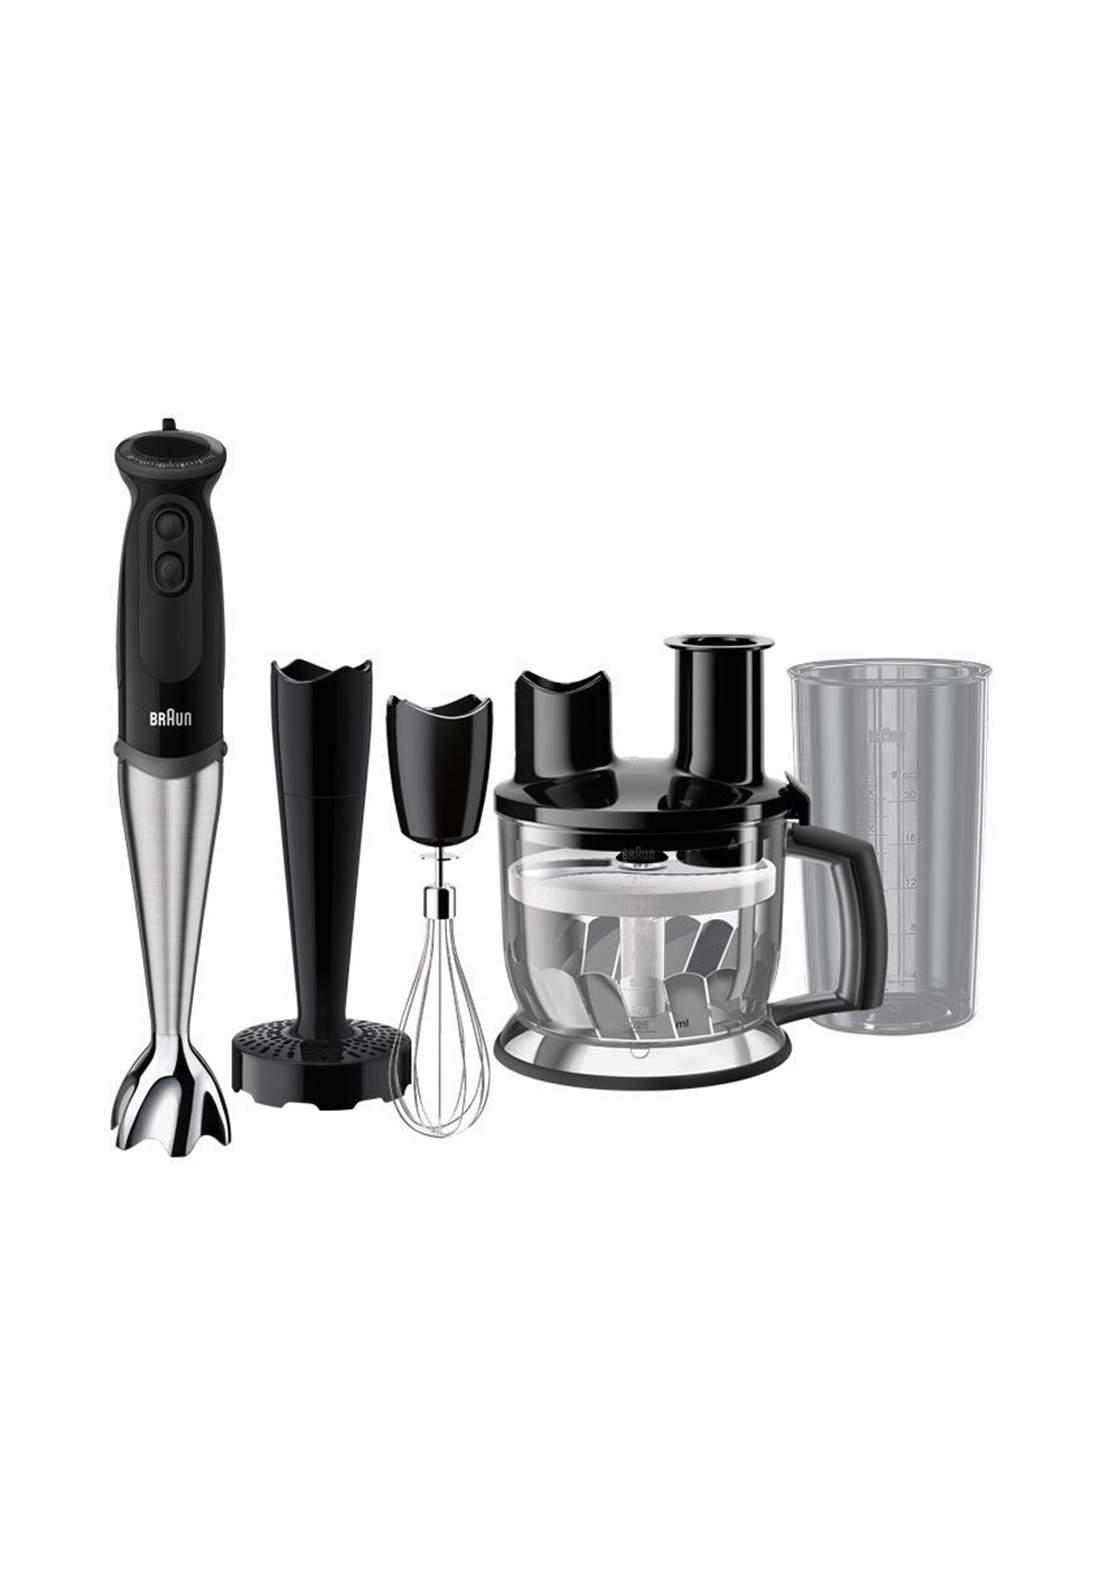 Braun MQ5177BK Buffet  Mixeur Plongeant Noir   خلاط يدوي متعدد الأستخدام